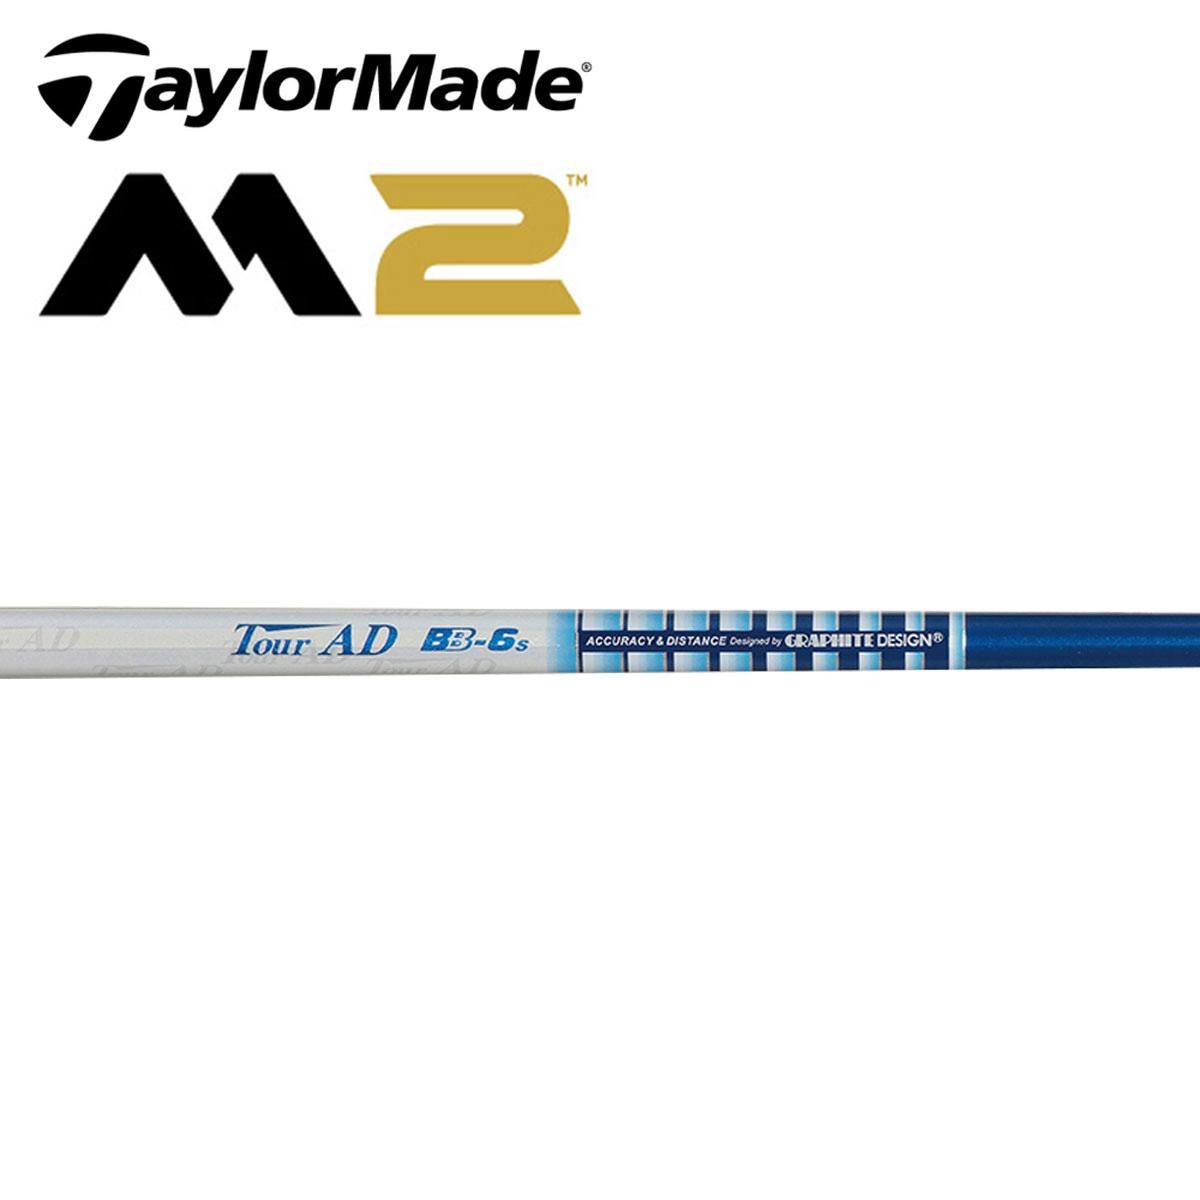 Tour AD BBシリーズ M2 ドライバーロフト10.5度用スリーブ付きシャフト 2016年モデル【テーラーメイド専用】